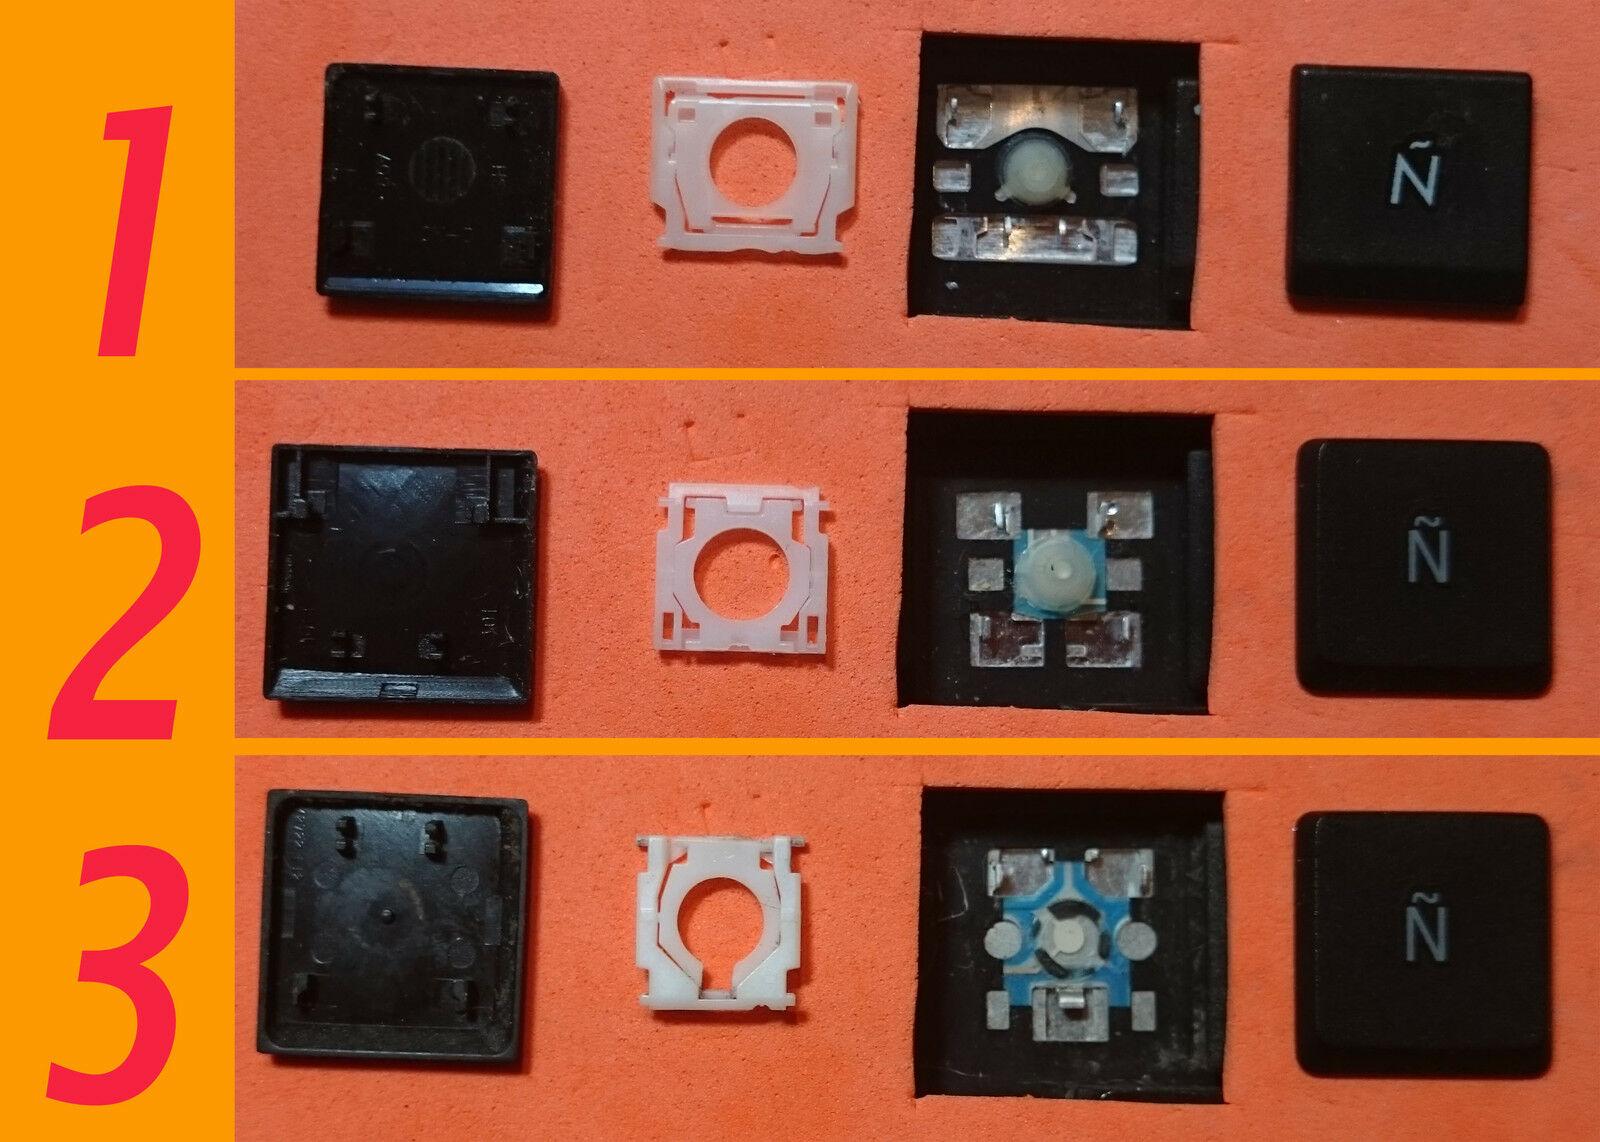 TECLA TECLAS DE TECLADO ASUS X5D X5DC X5DIJ X50IJ X5DIN X5DI X5AC